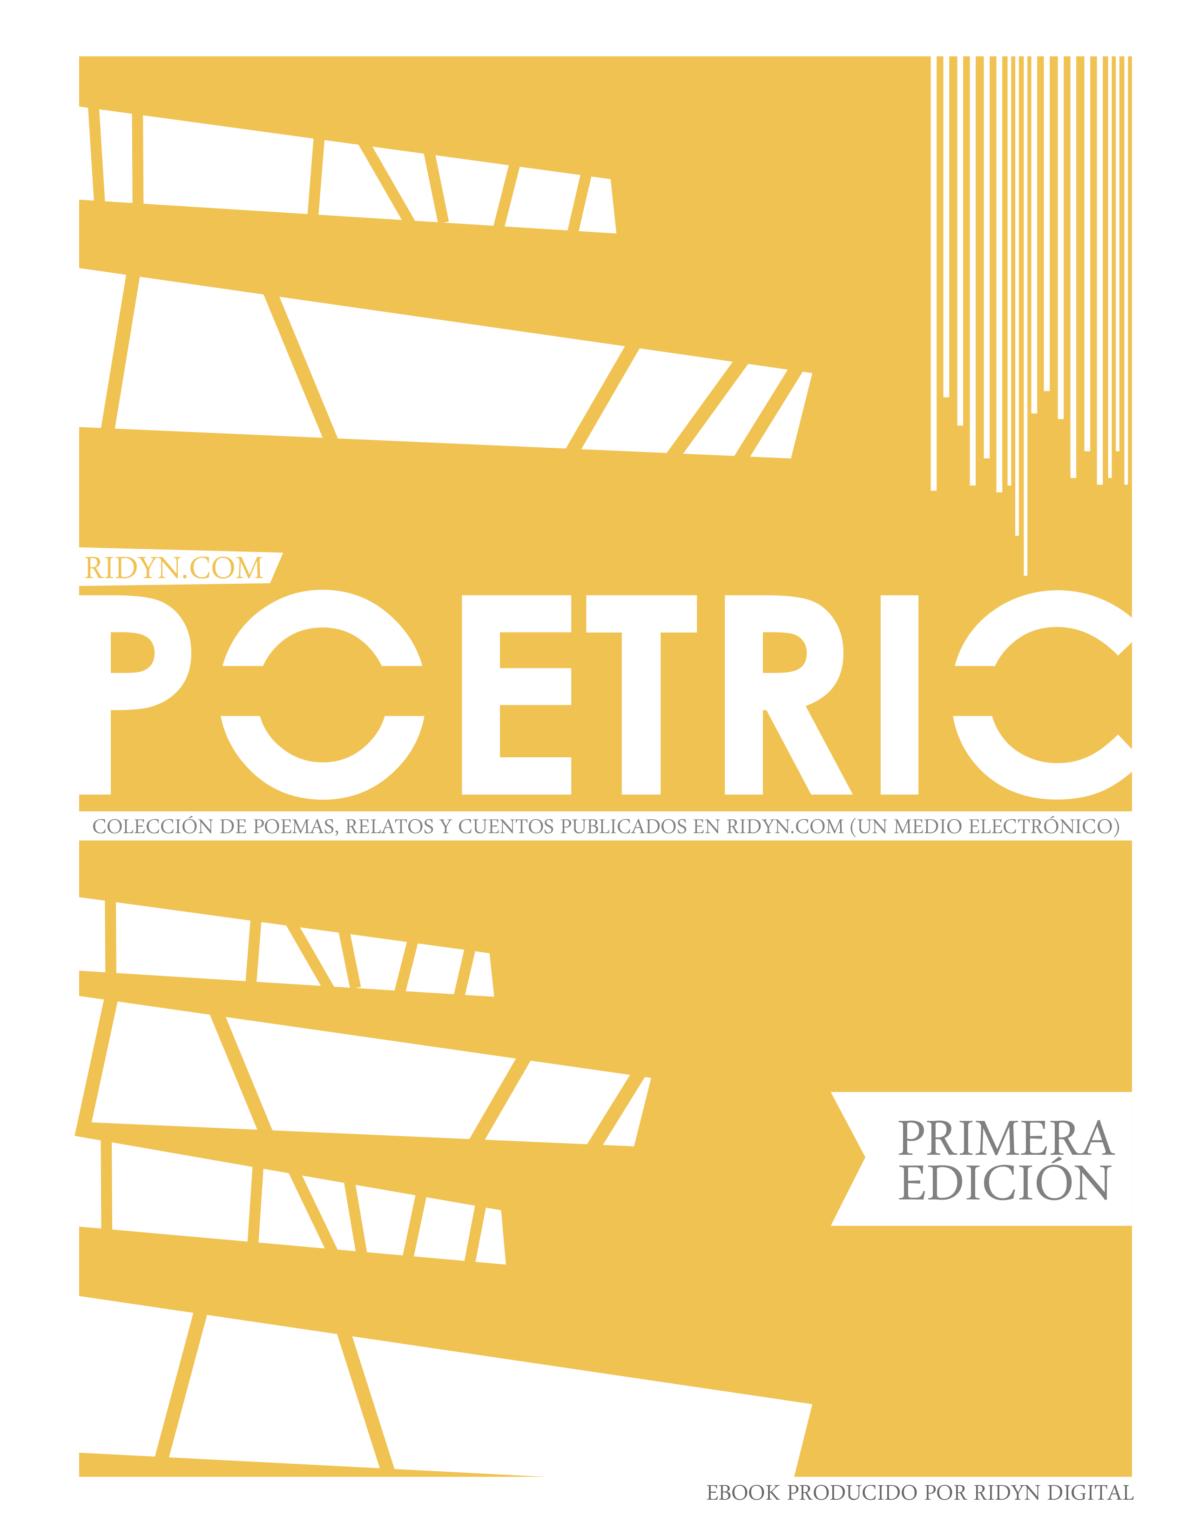 POETRIC1